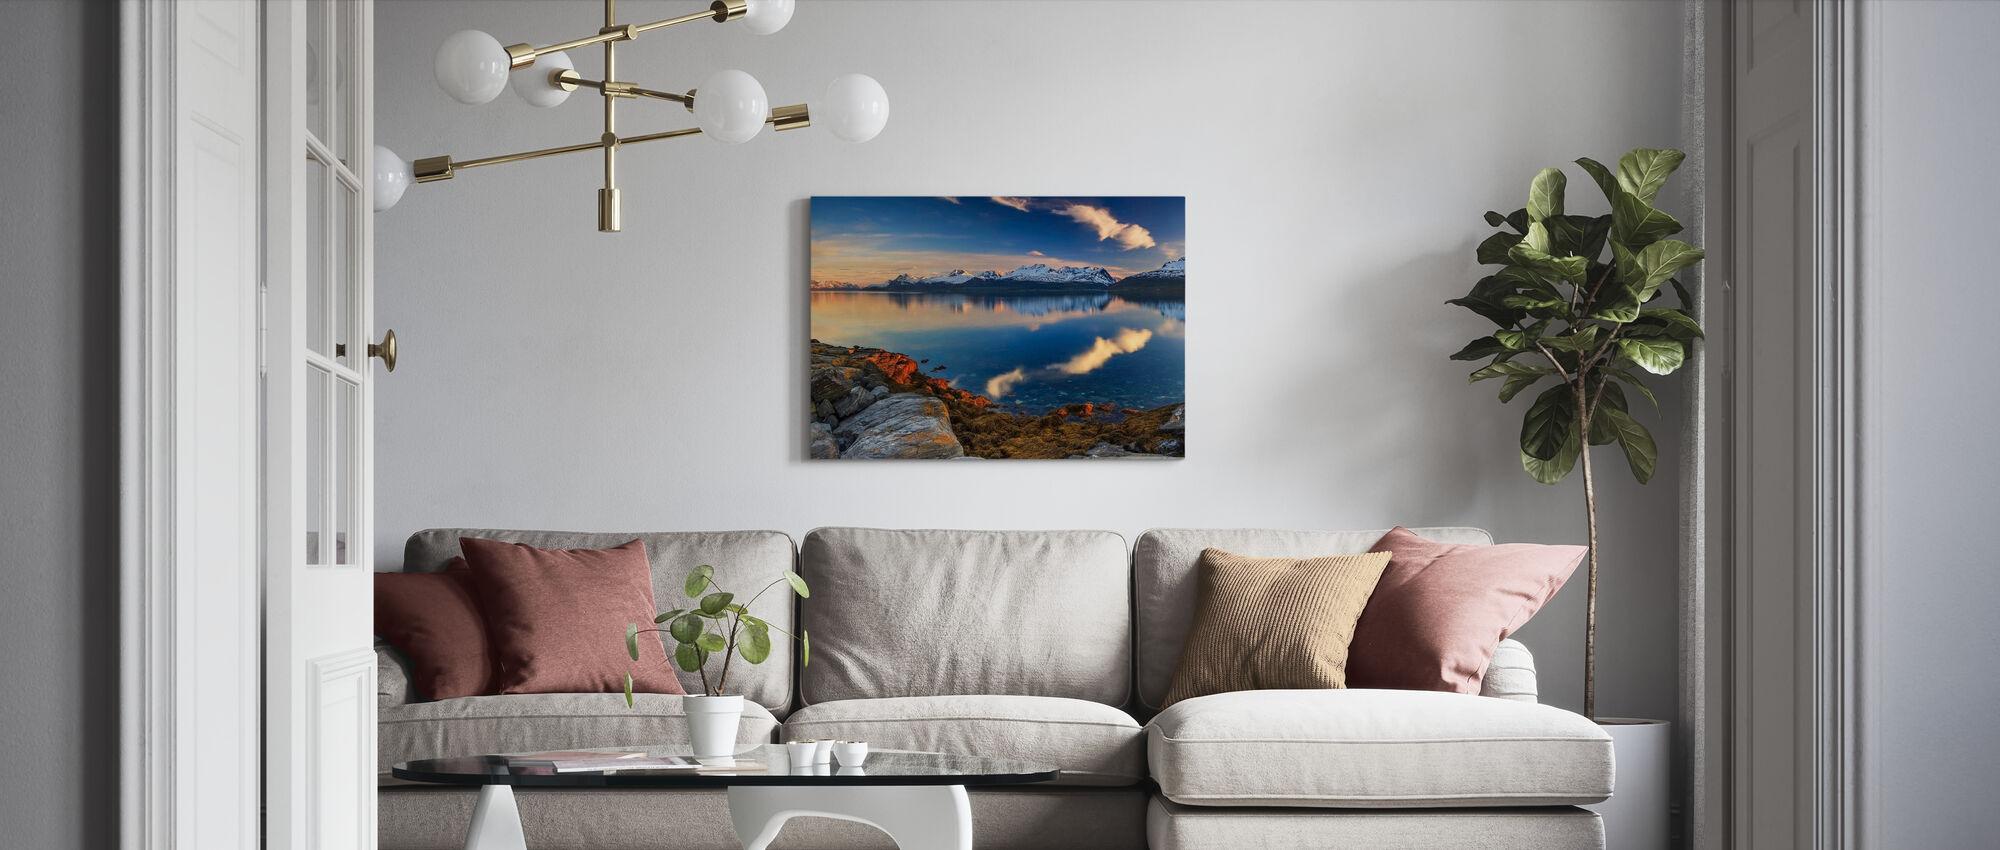 Solnedgång på stranden av fjorden - Canvastavla - Vardagsrum